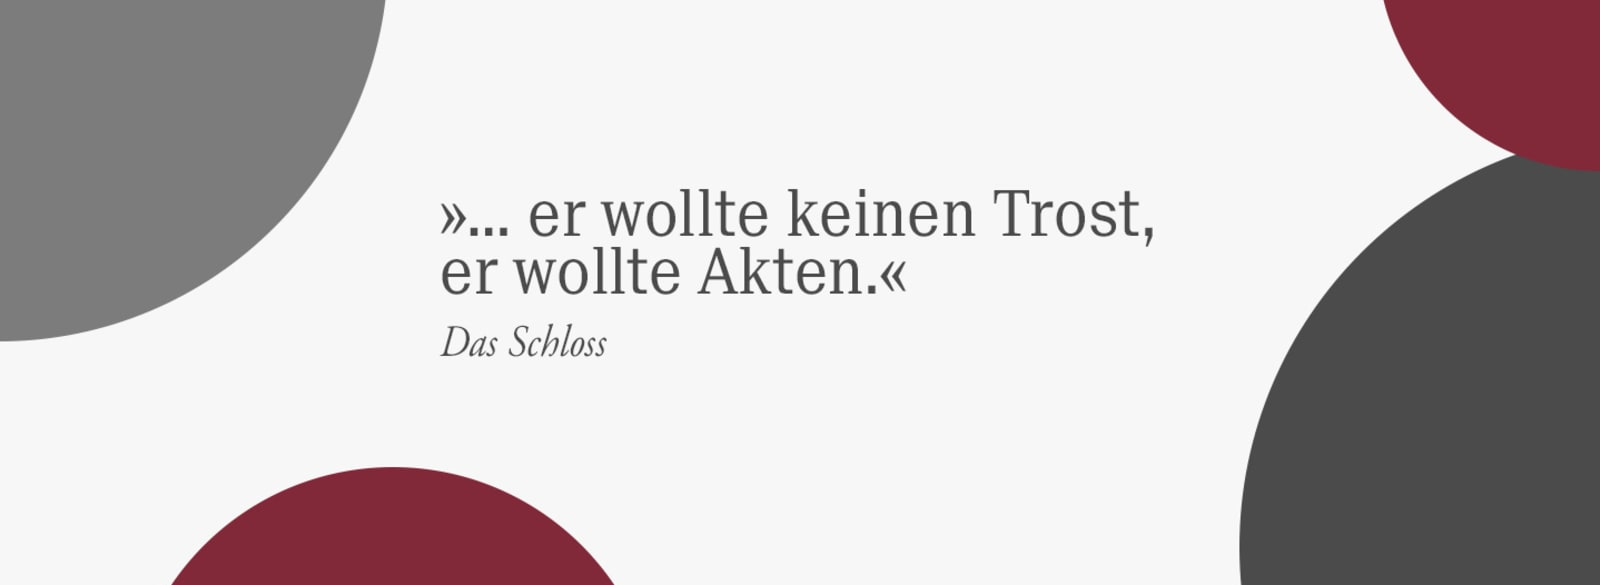 """Zitat von Franz Kafka: """"... er wollte keinen Trost, er wollte Akten."""""""